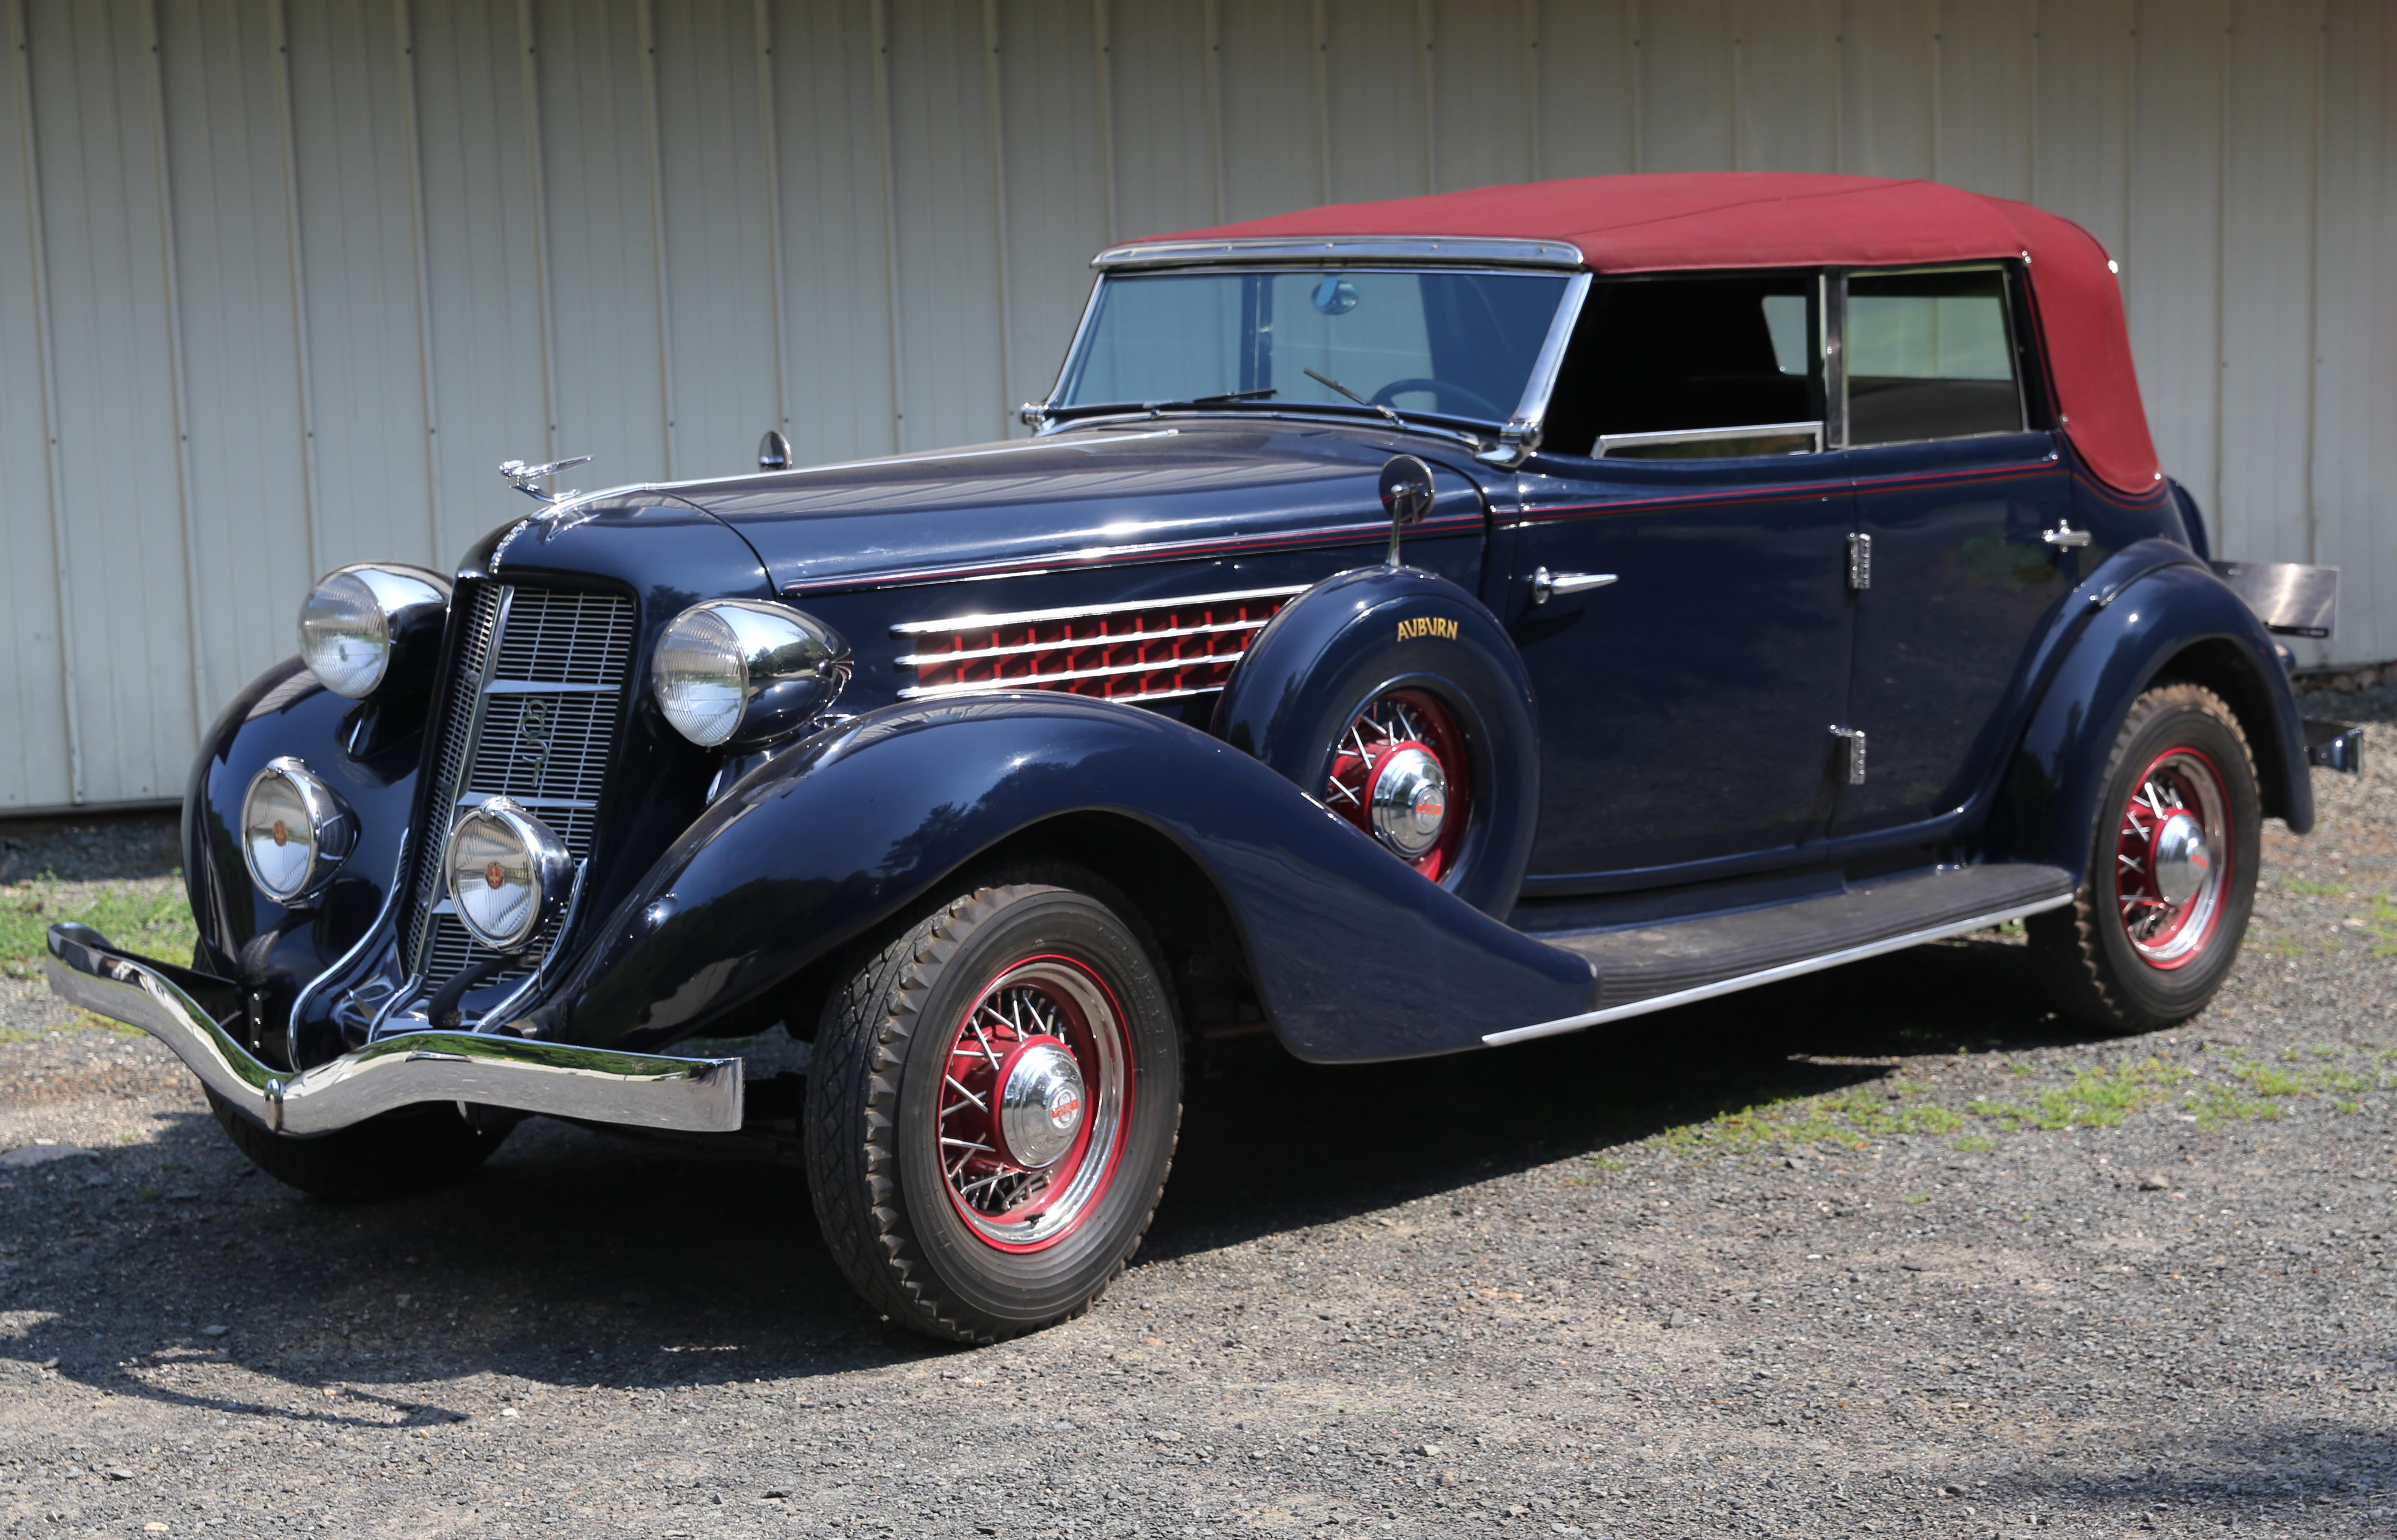 Four Door Convertible >> File:1935 Auburn 851 Salon Phaeton Sedan, front left.jpg - Wikimedia Commons